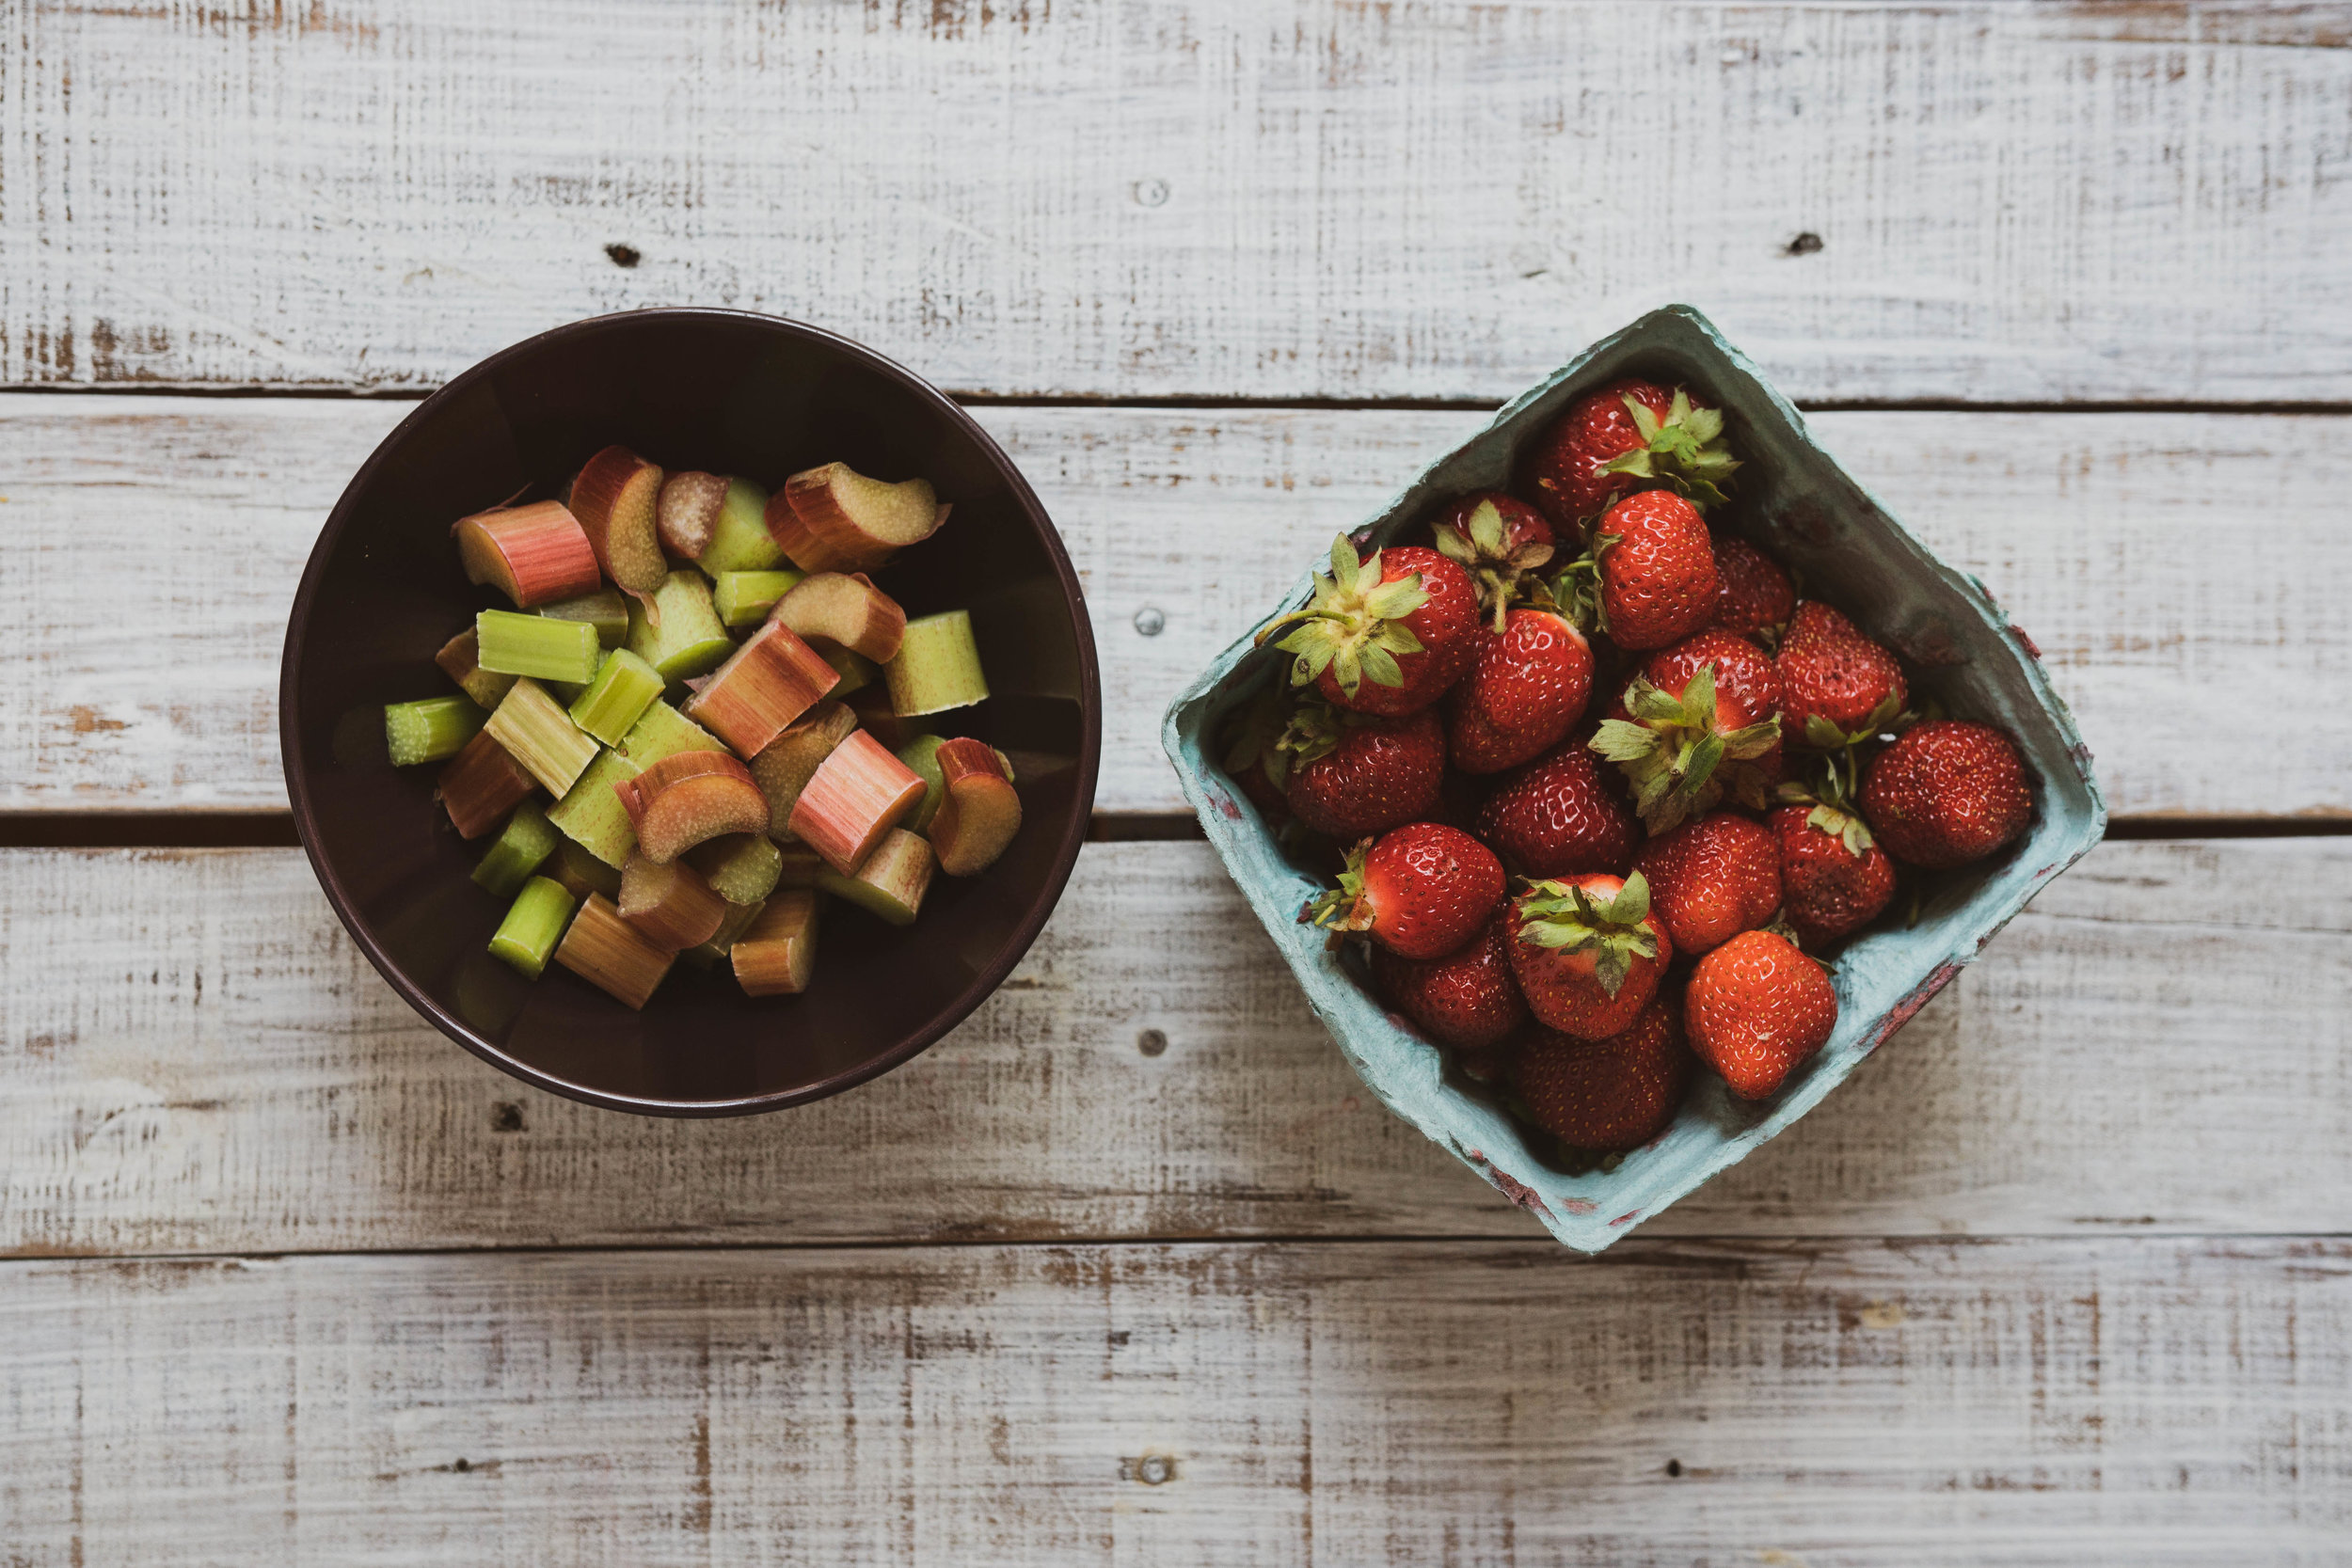 04-strawberry-rhubarb-crumble-2.jpg